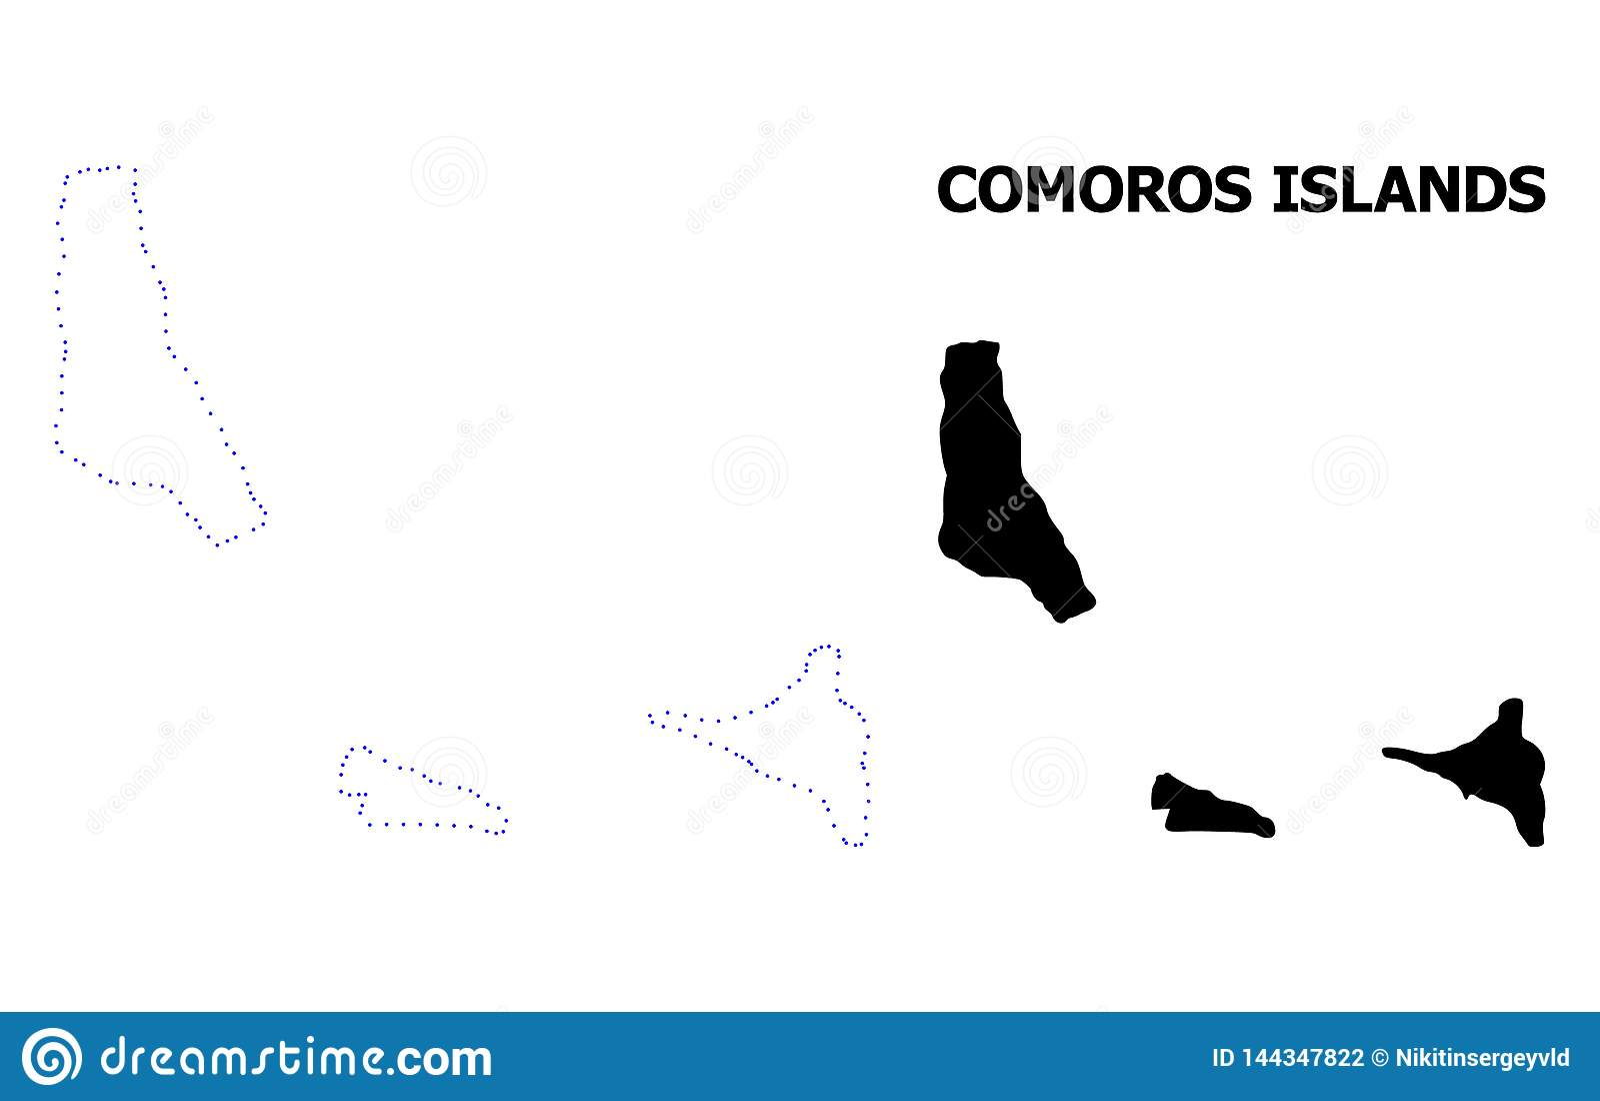 Vektor-Kontur punktierte Karte von Komoren-Inseln mit Namen